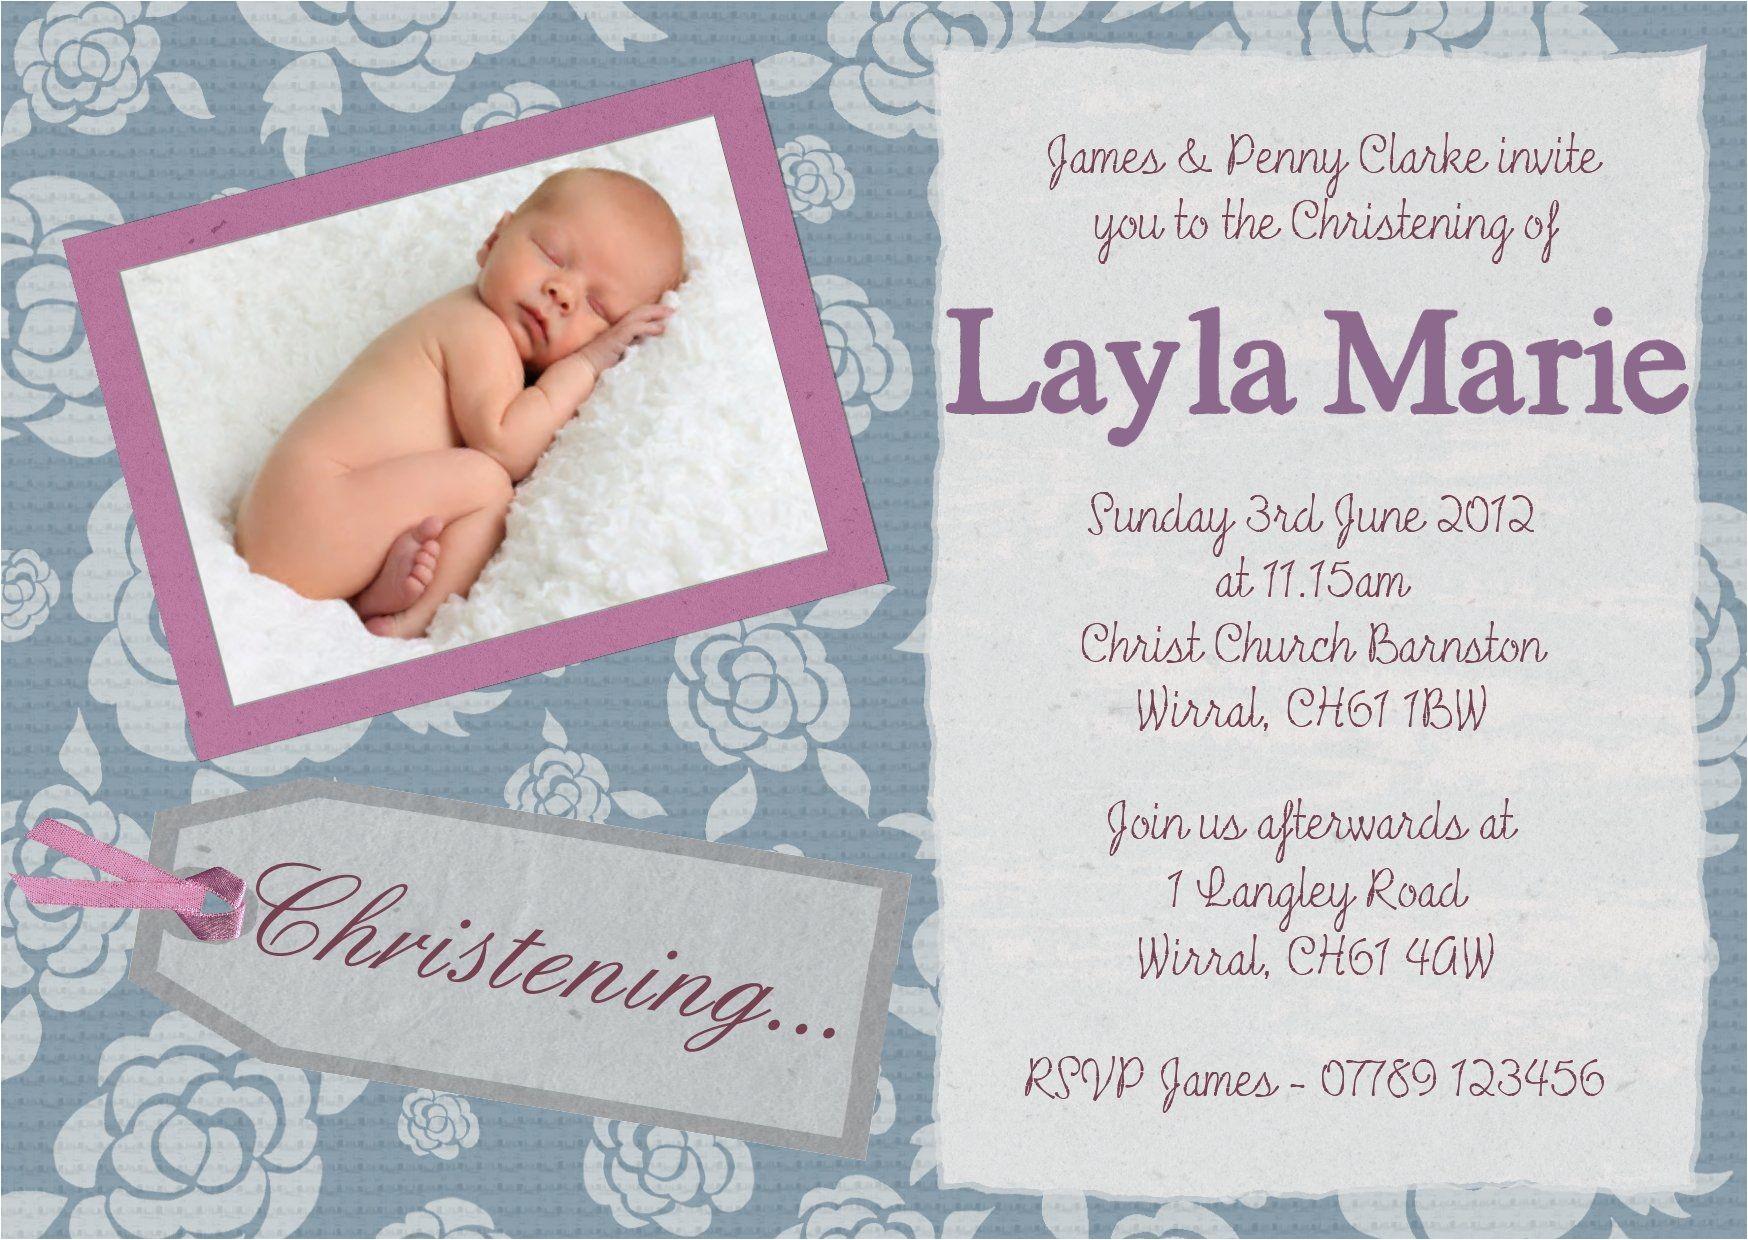 Invitation Card Design for Baptism Christening Invitation Cards Christening Invitation